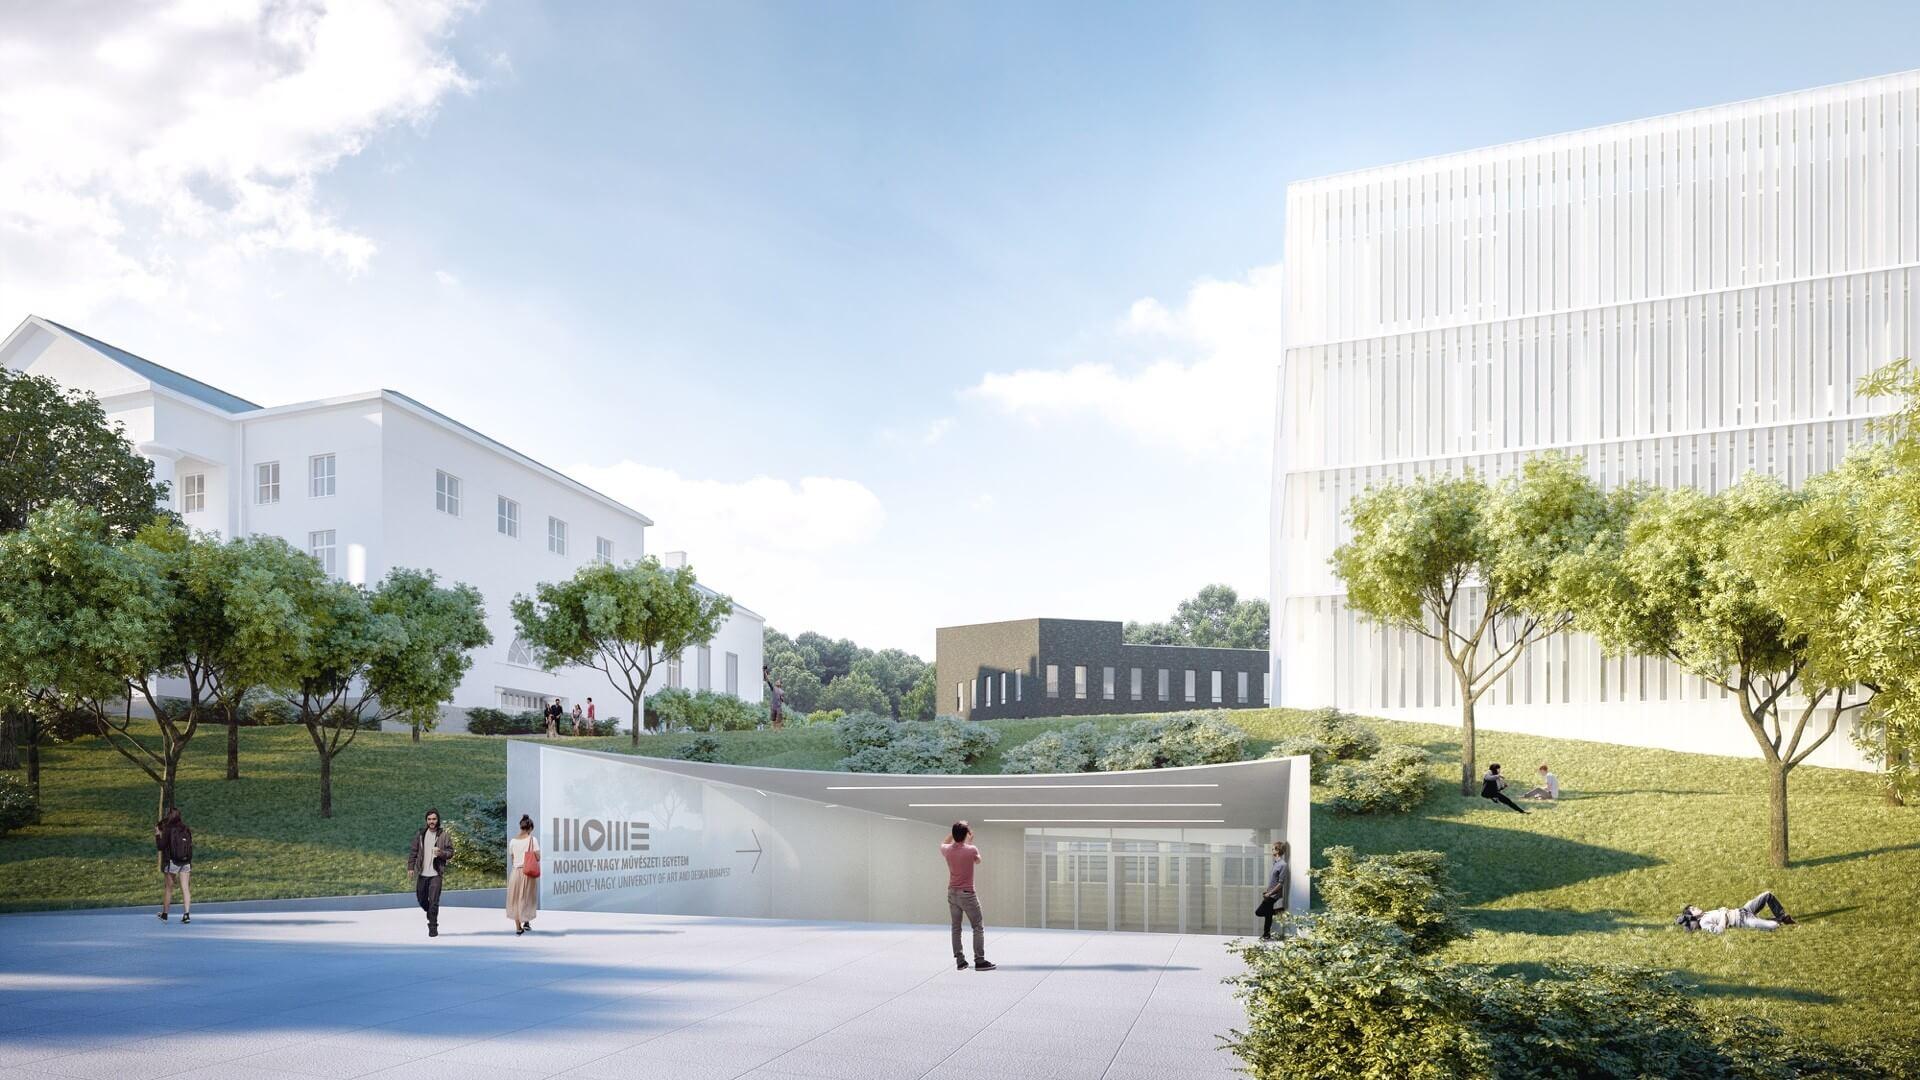 A Market fejezi be a MOME nagyszabású campusbővítését